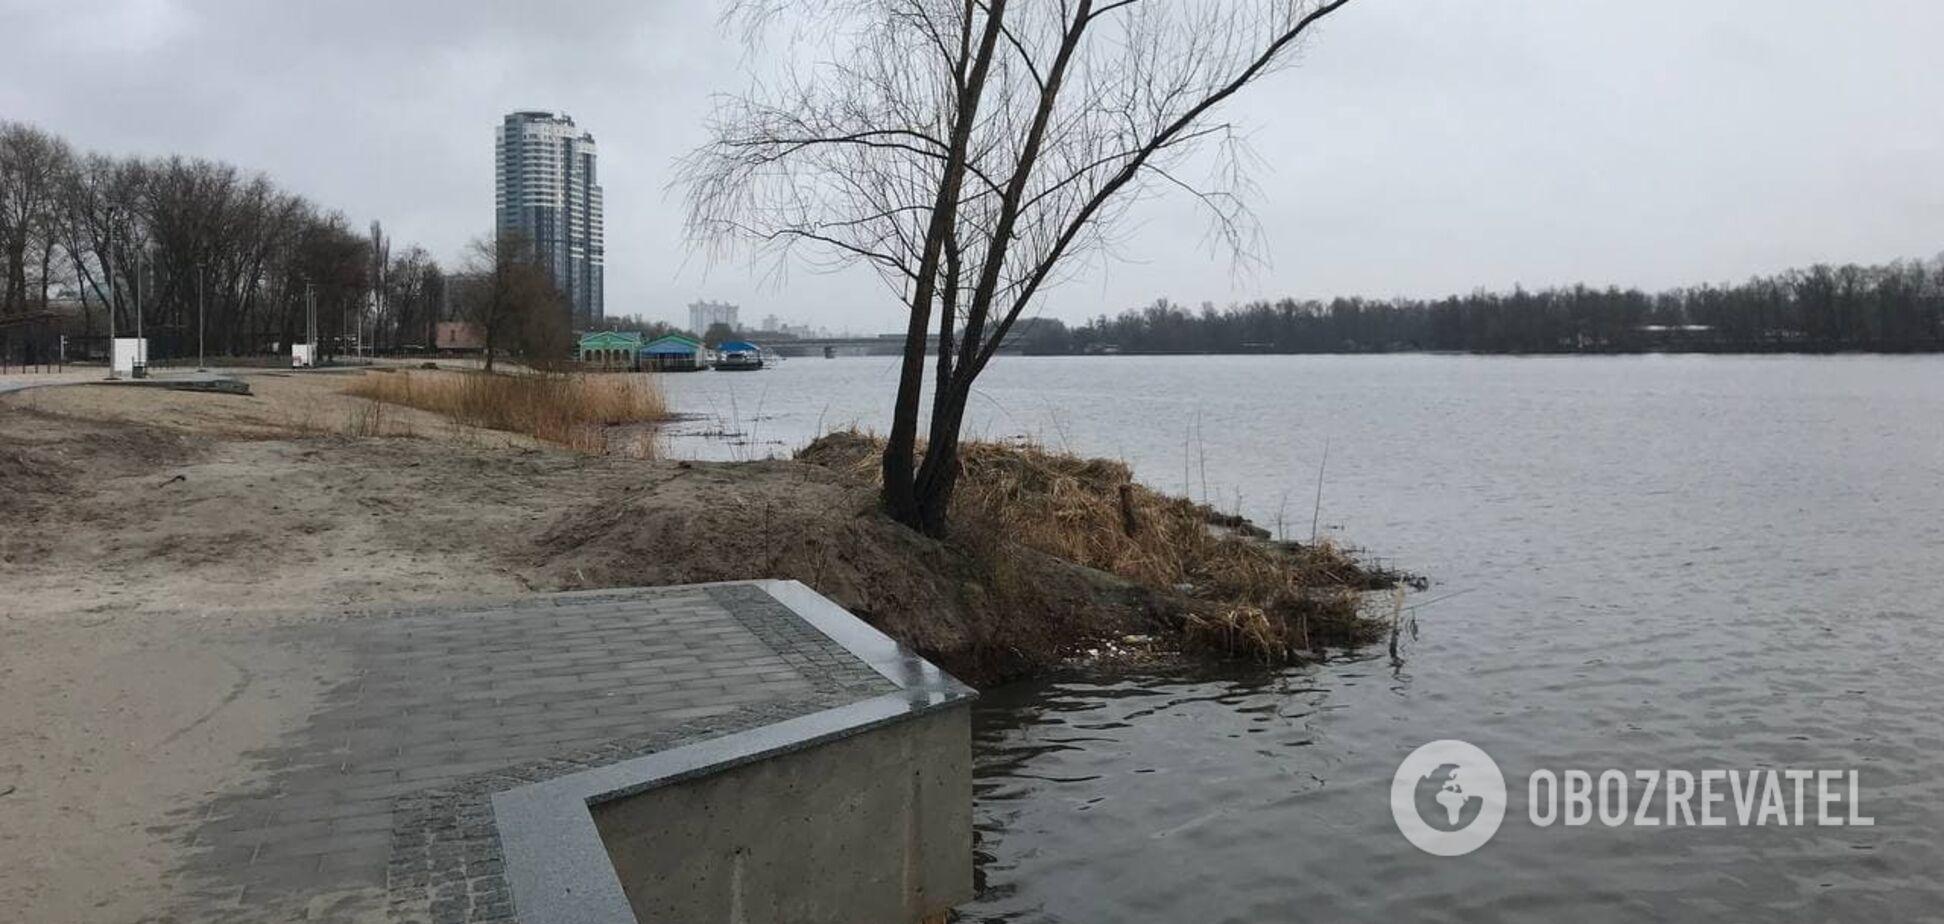 Искусственный остров и набережная: в Киеве создали новое место для отдыха